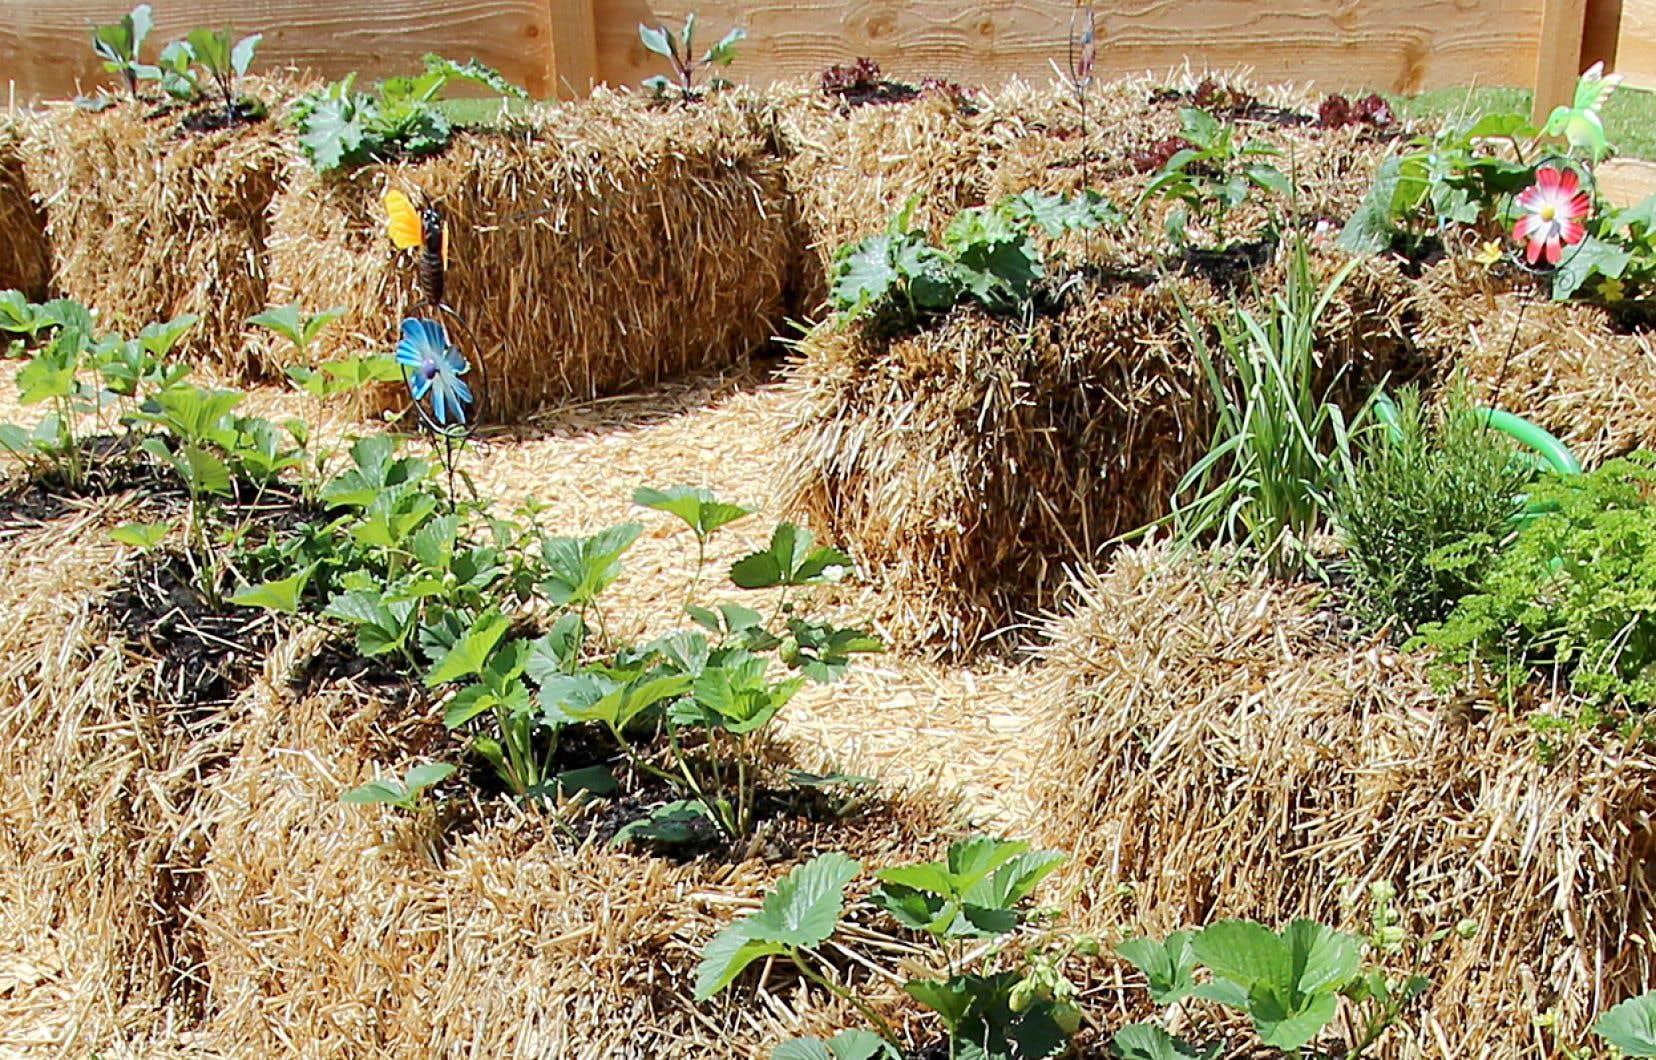 D'abord, on doit choisir de la paille de qualité, de préférence bio, et de blé, car l'orge et l'avoine se décomposent un peu trop vite.